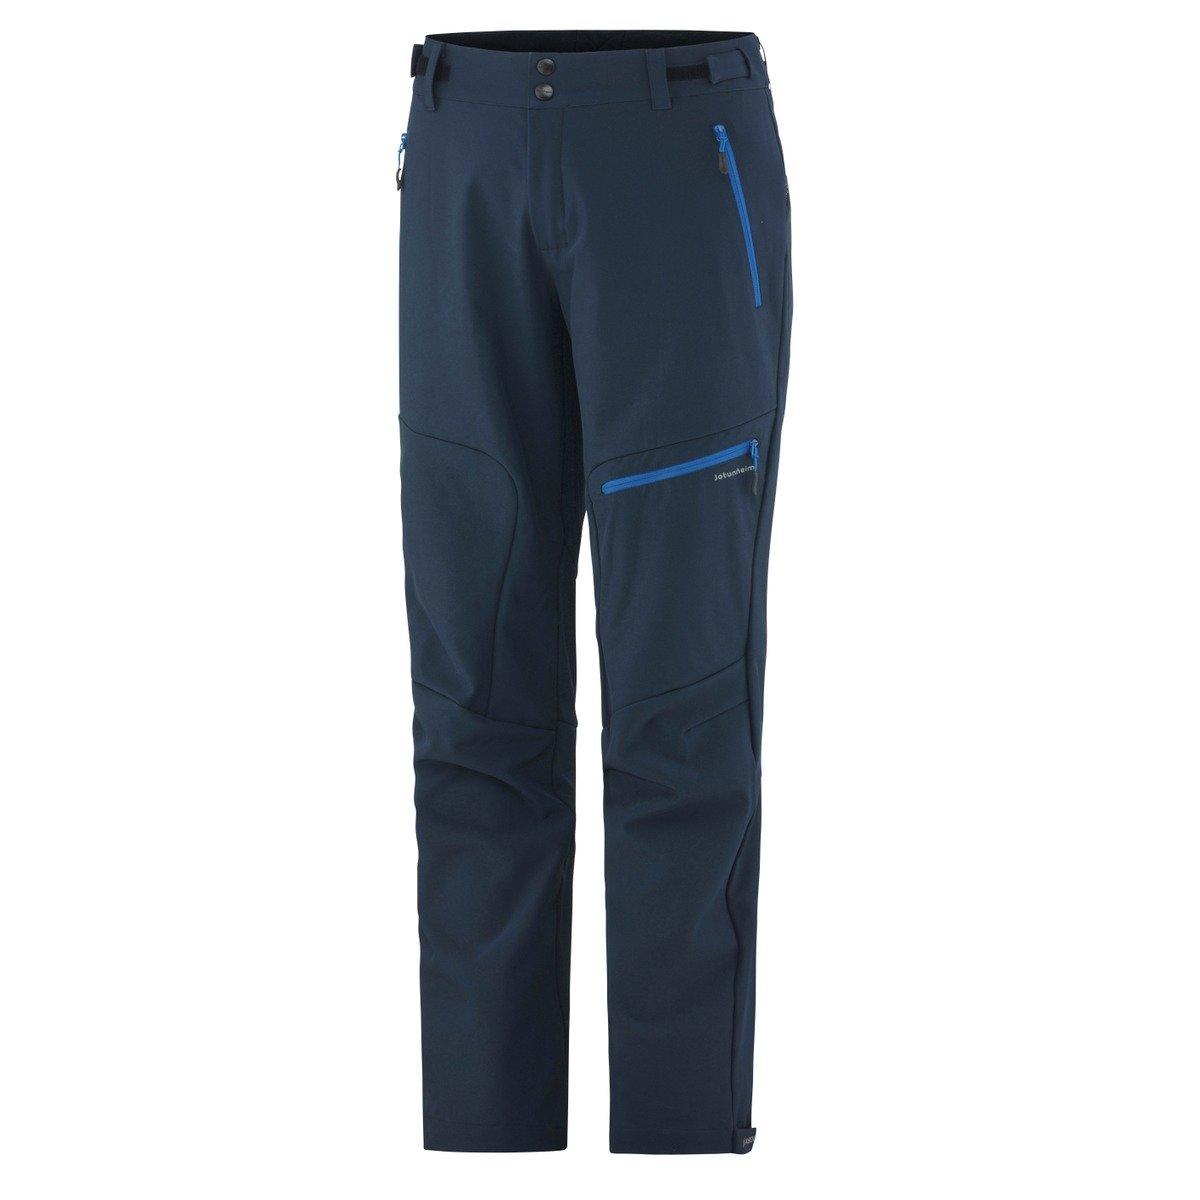 Jotunheim Lomstind Softshell Bukse   SportsDeal